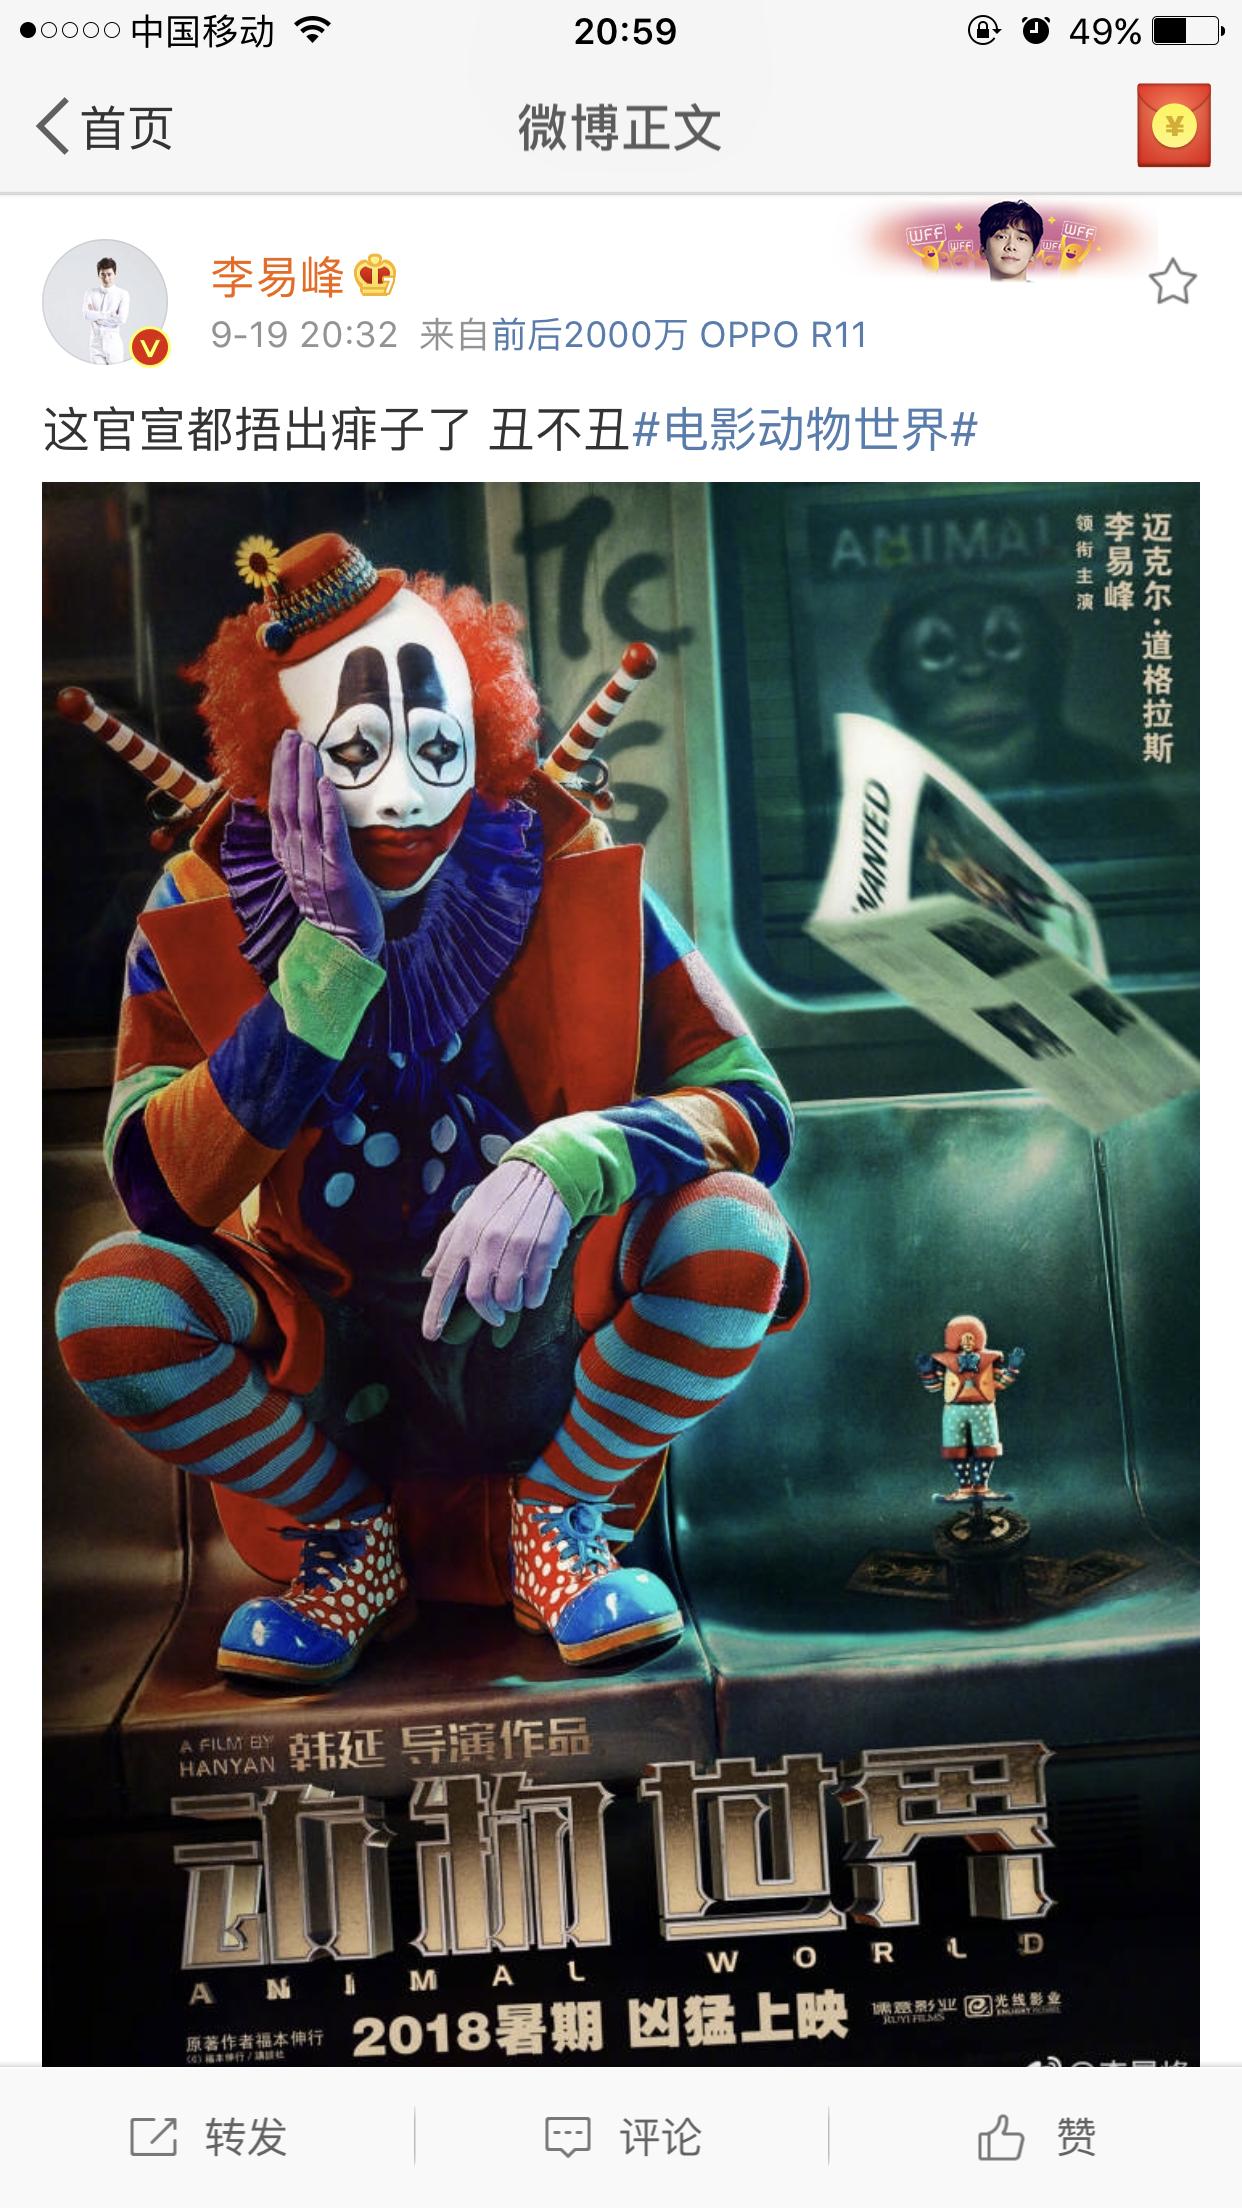 [李易峰][新闻]170919 李易峰《动物世界》终于官宣!2018暑期档上映!